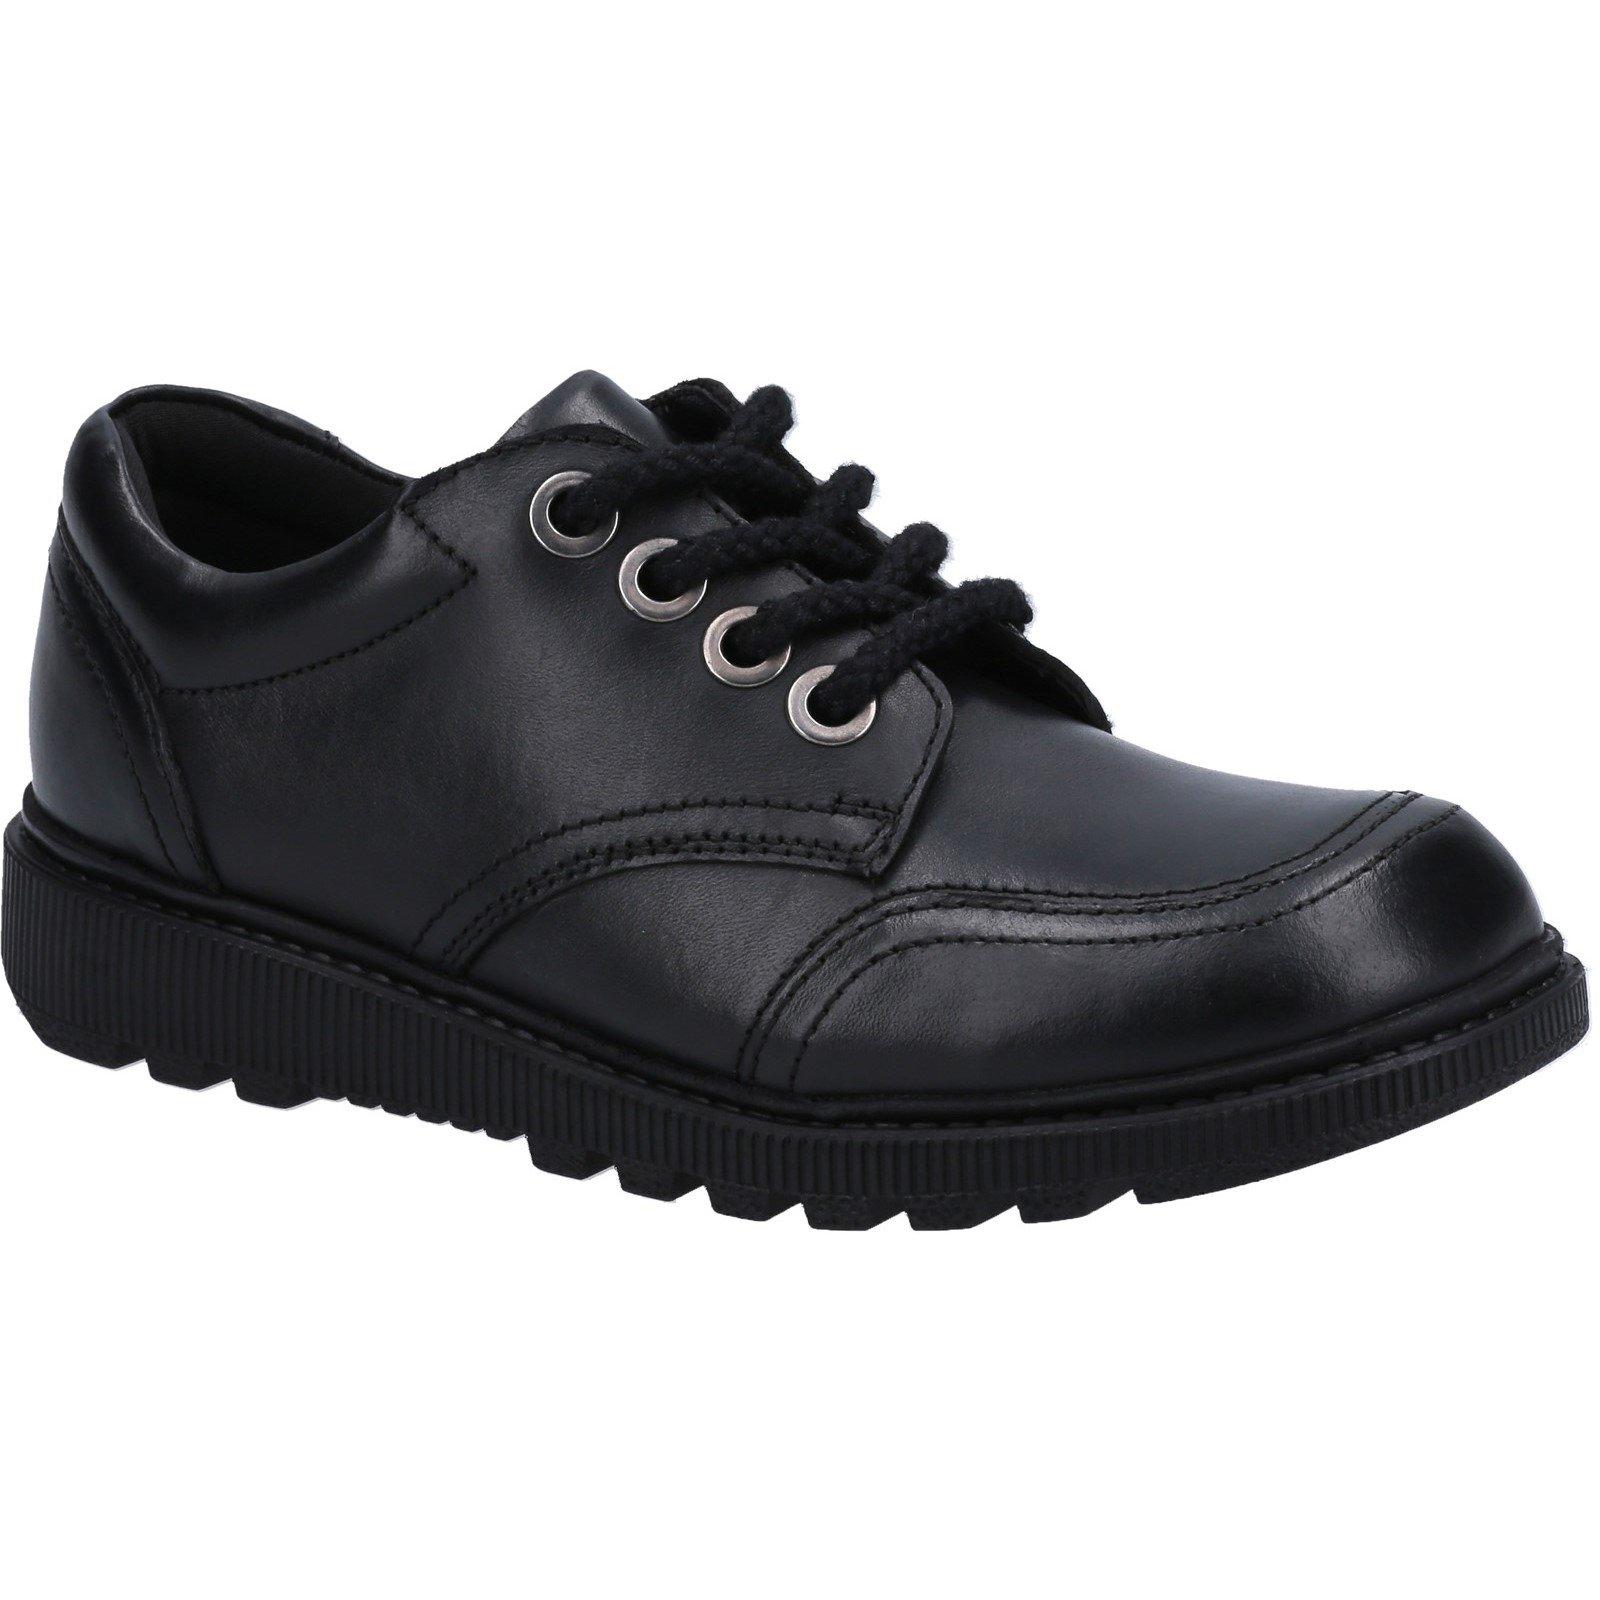 Hush Puppies Kid's Kiera Junior School Shoe Black 30821 - Black 11